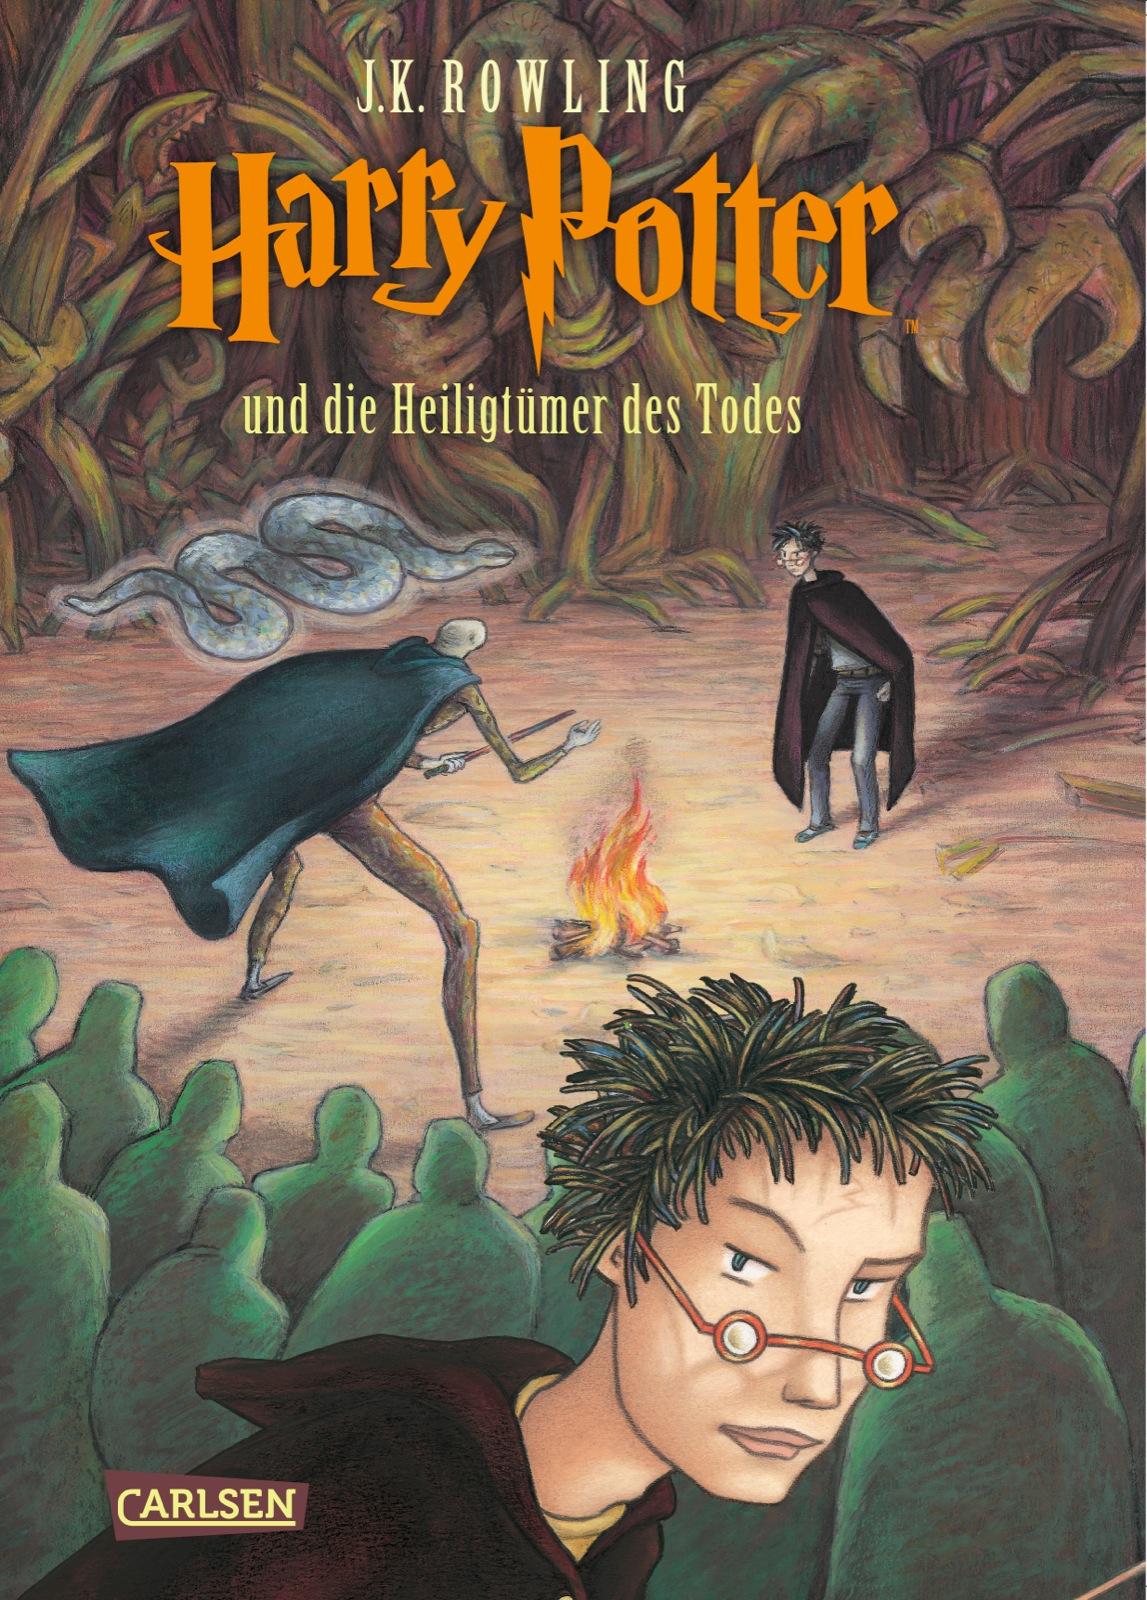 Harry Potter 7 Ganzer Film Deutsch